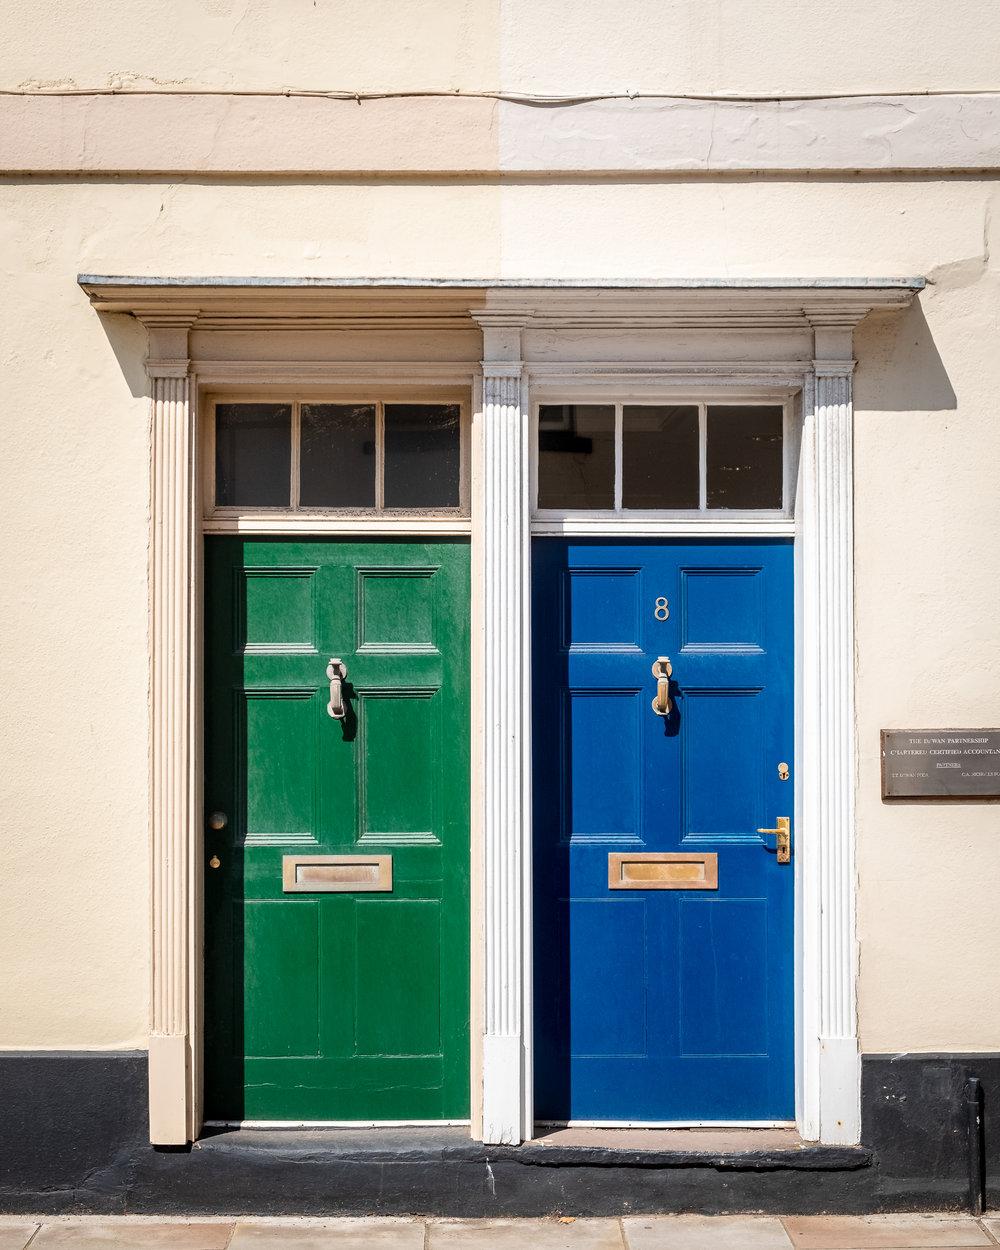 Vi stannade till i en liten stad som heter Brecon och drack kaffe. Jag hittade ett par dörrar.